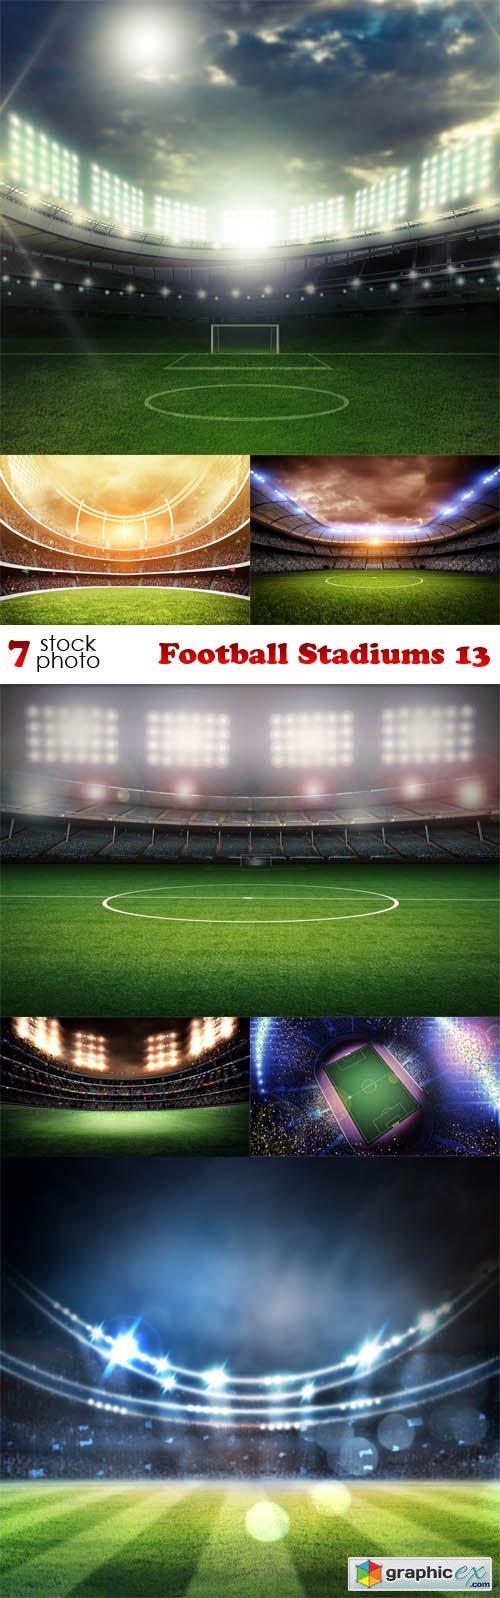 Football Stadiums 13